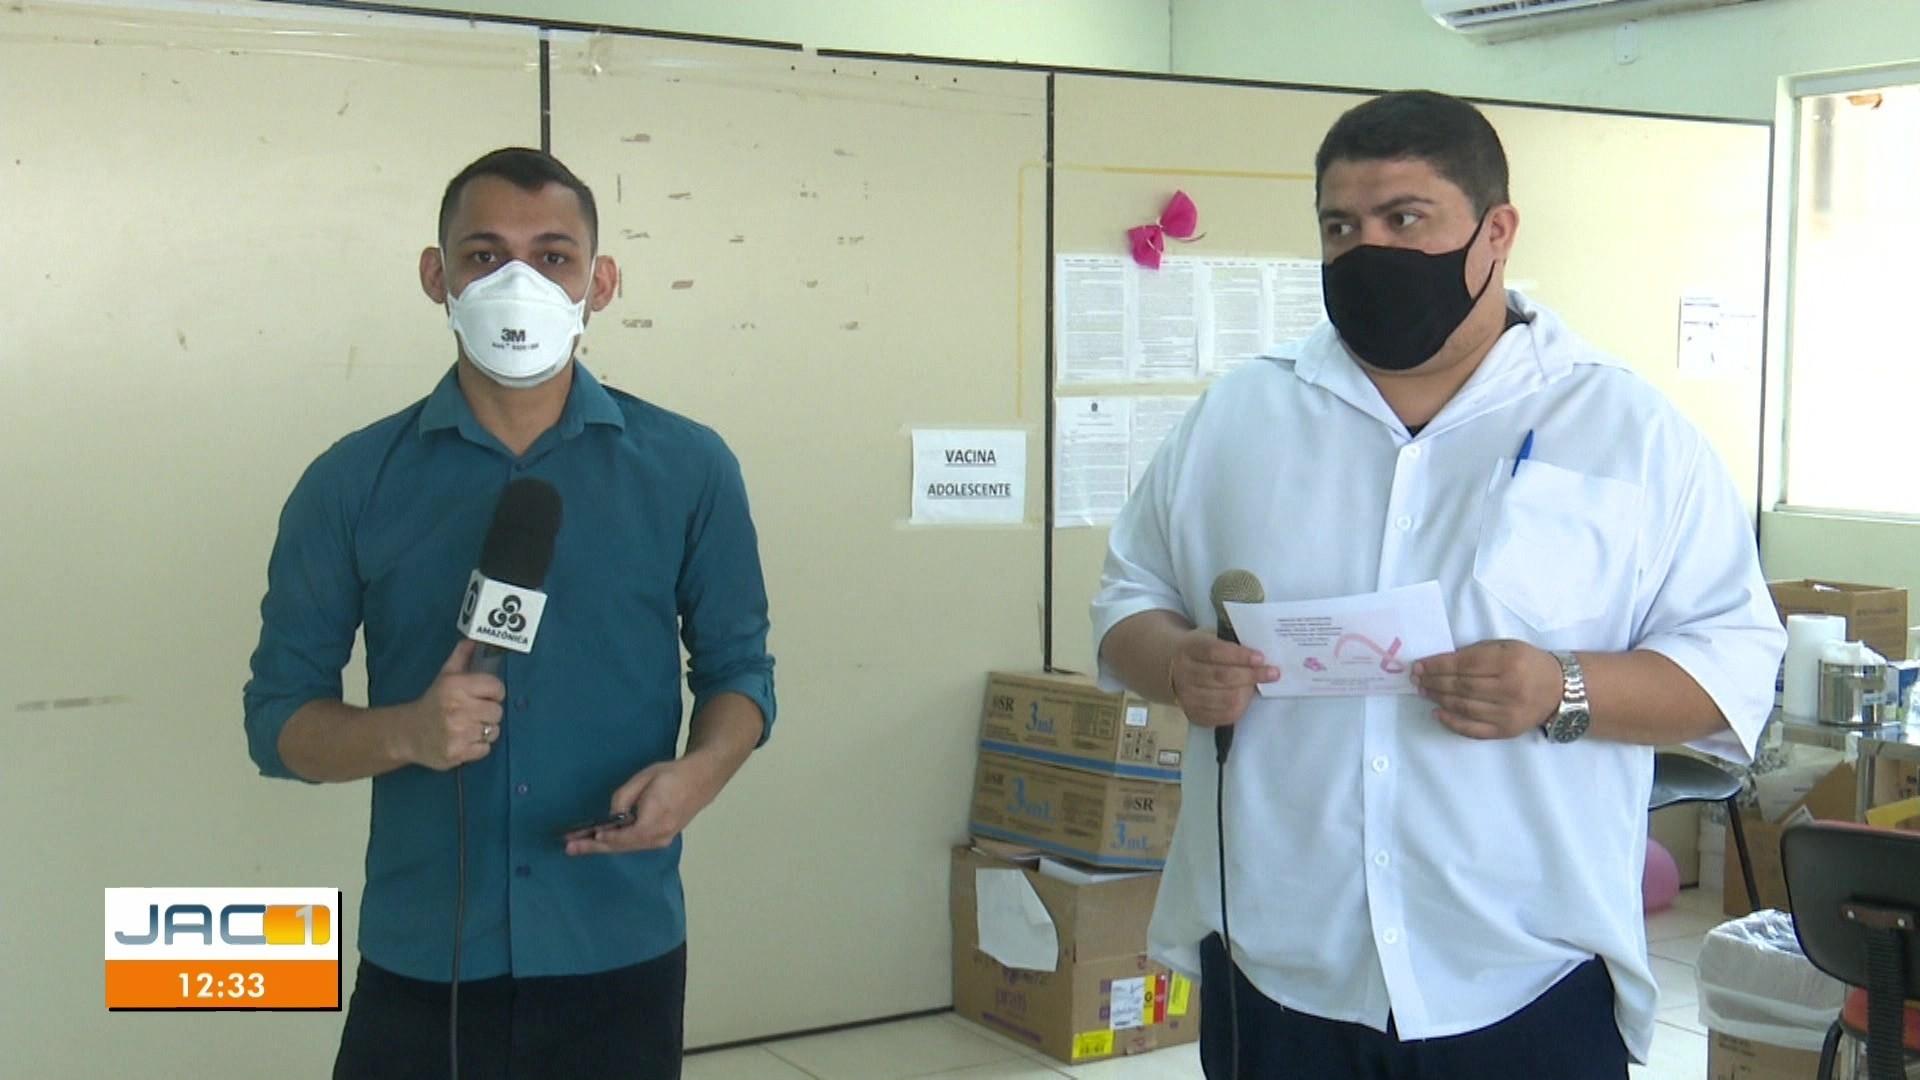 VÍDEOS: Jornal do Acre 1ª edição - AC de quinta-feira, 21 de outubro